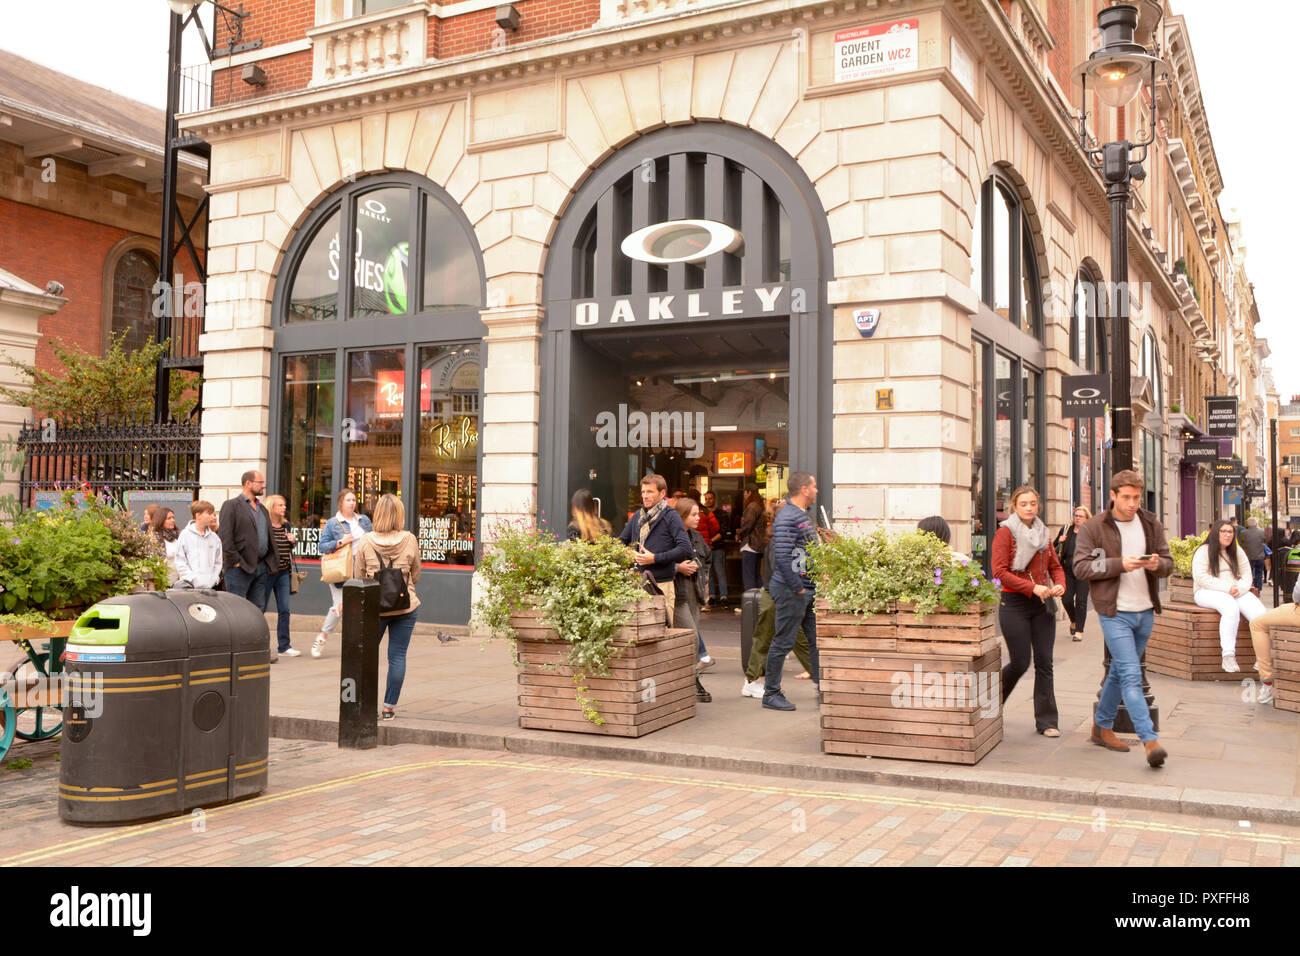 Las personas fuera de la ajetreada tienda de ropa y gafas de sol Oakley en  Covent ab16588c9fd0a